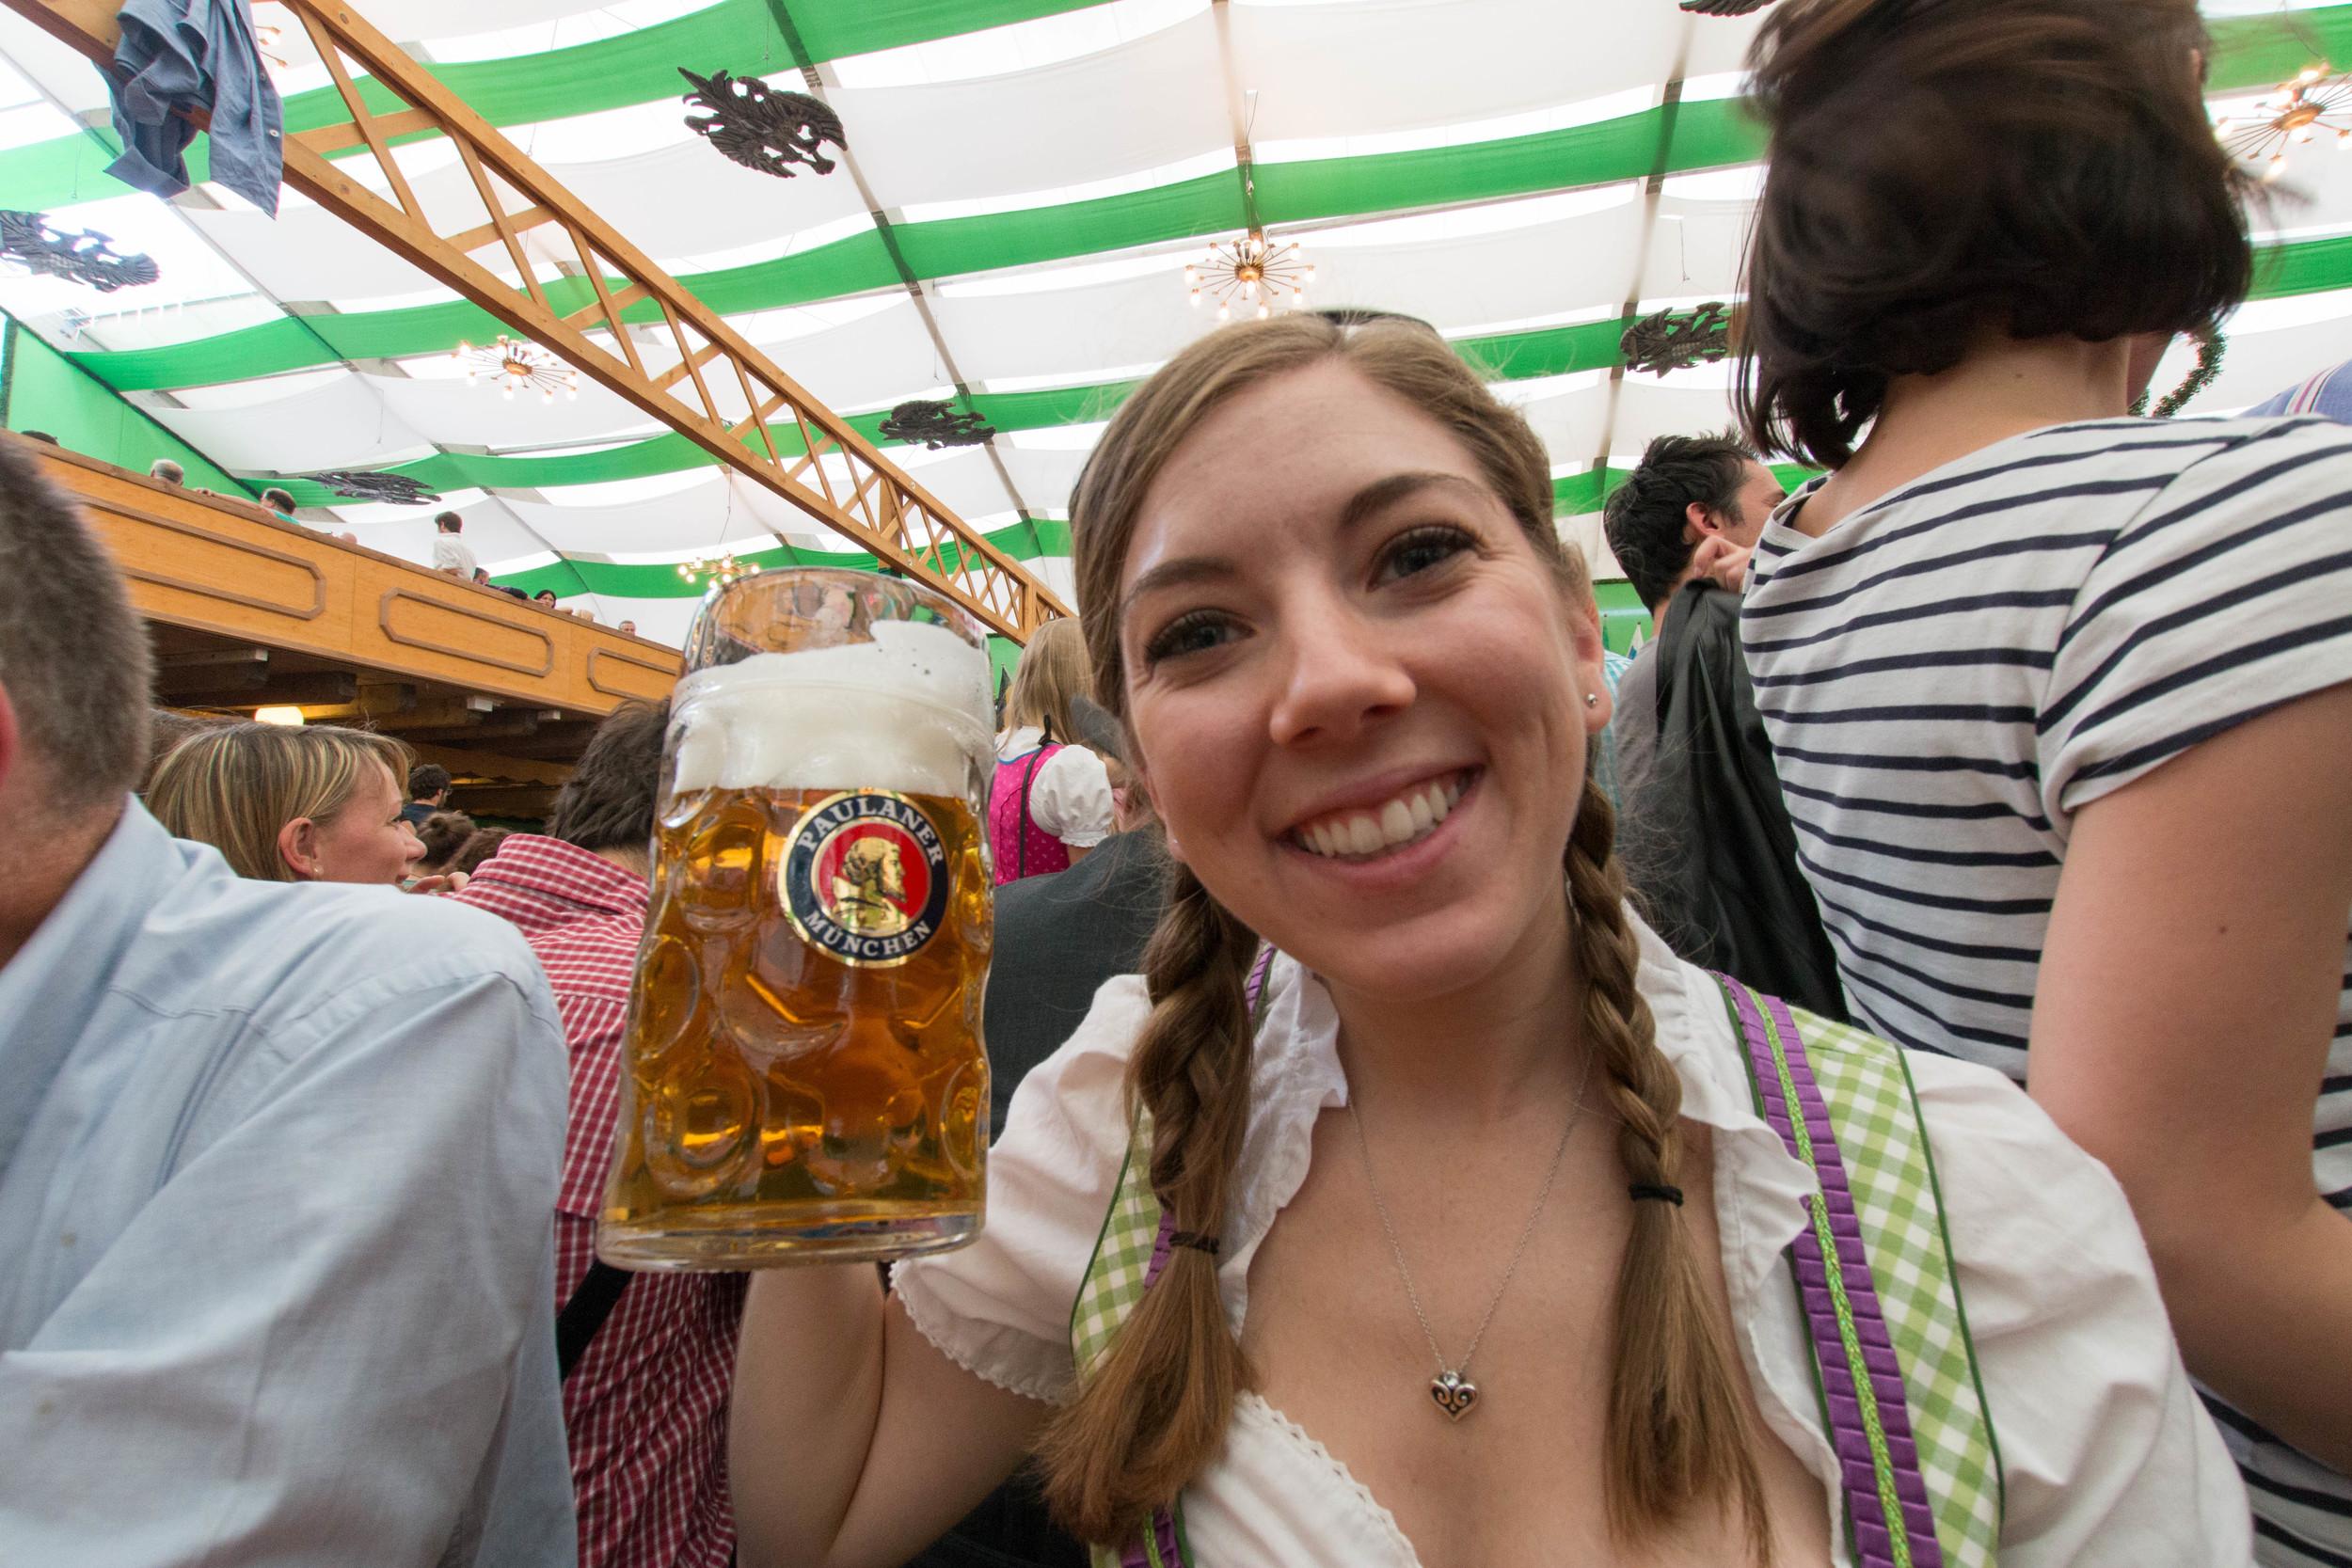 The beer is as big as my head!